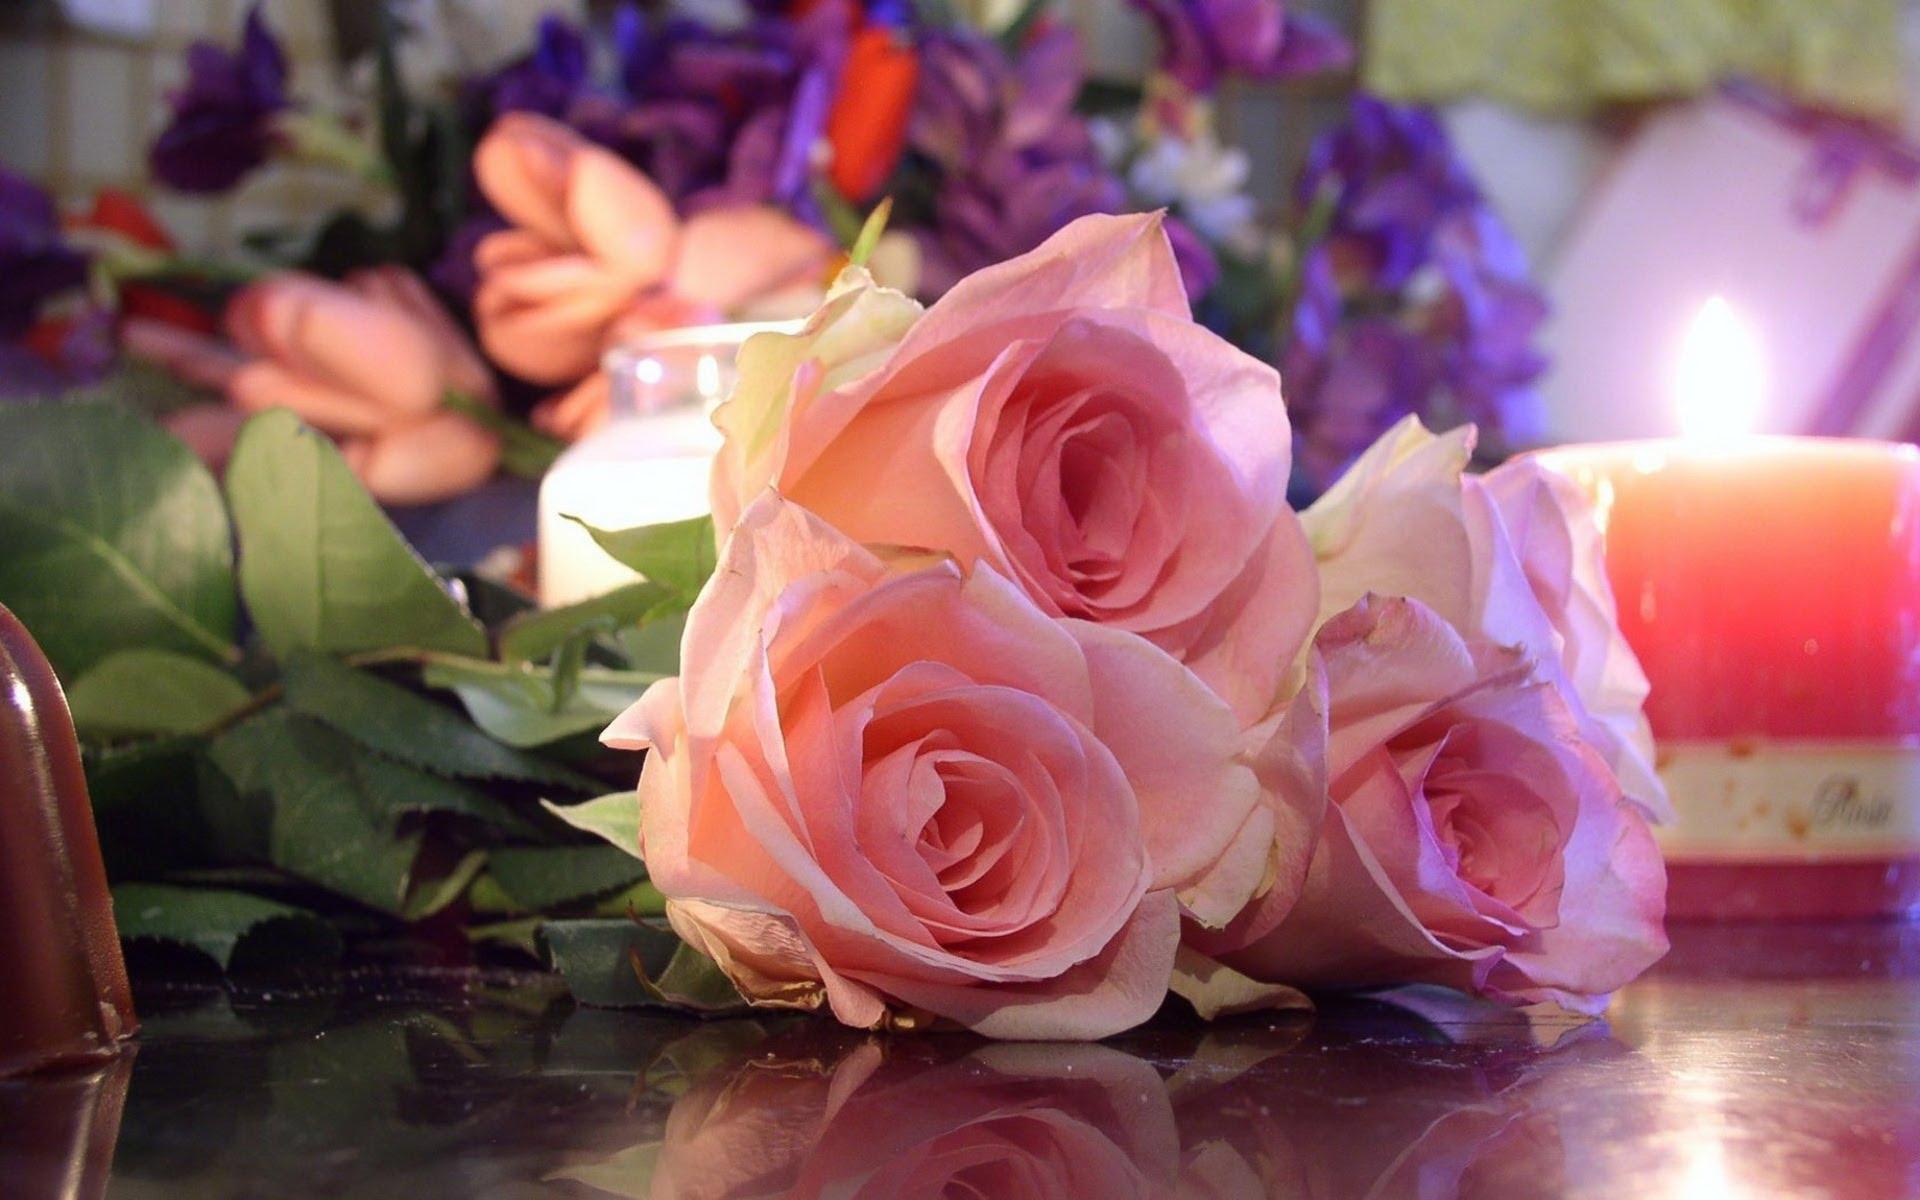 بالصور صور ورود طبيعيه , اشكال الربيع في زهرات البساتين 84 6